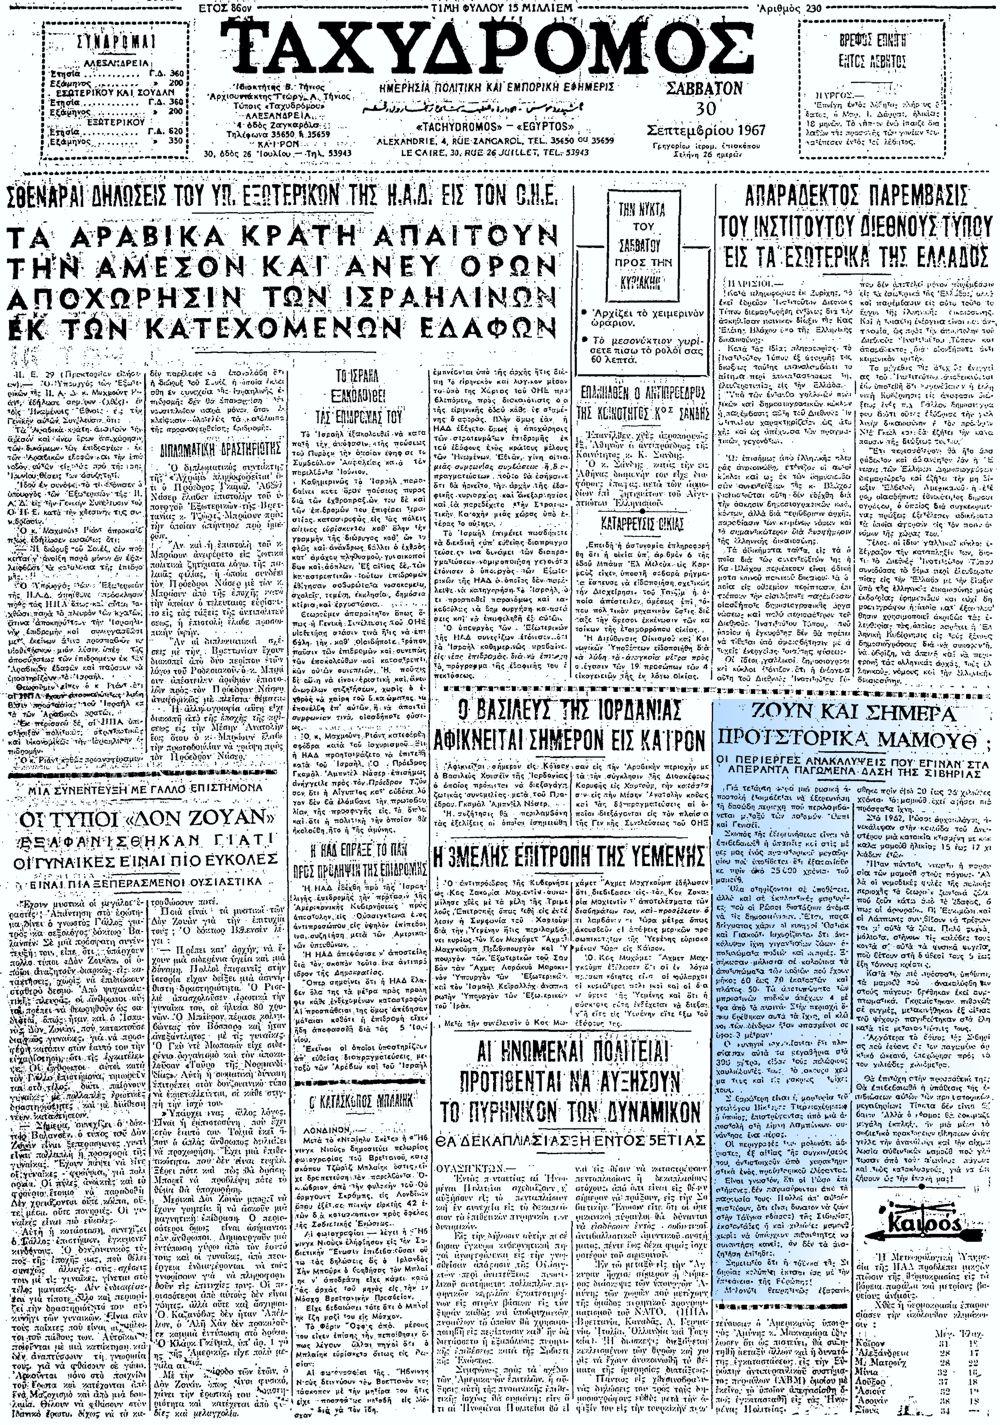 """Το άρθρο, όπως δημοσιεύθηκε στην εφημερίδα """"ΤΑΧΥΔΡΟΜΟΣ"""", στις 30/09/1967"""